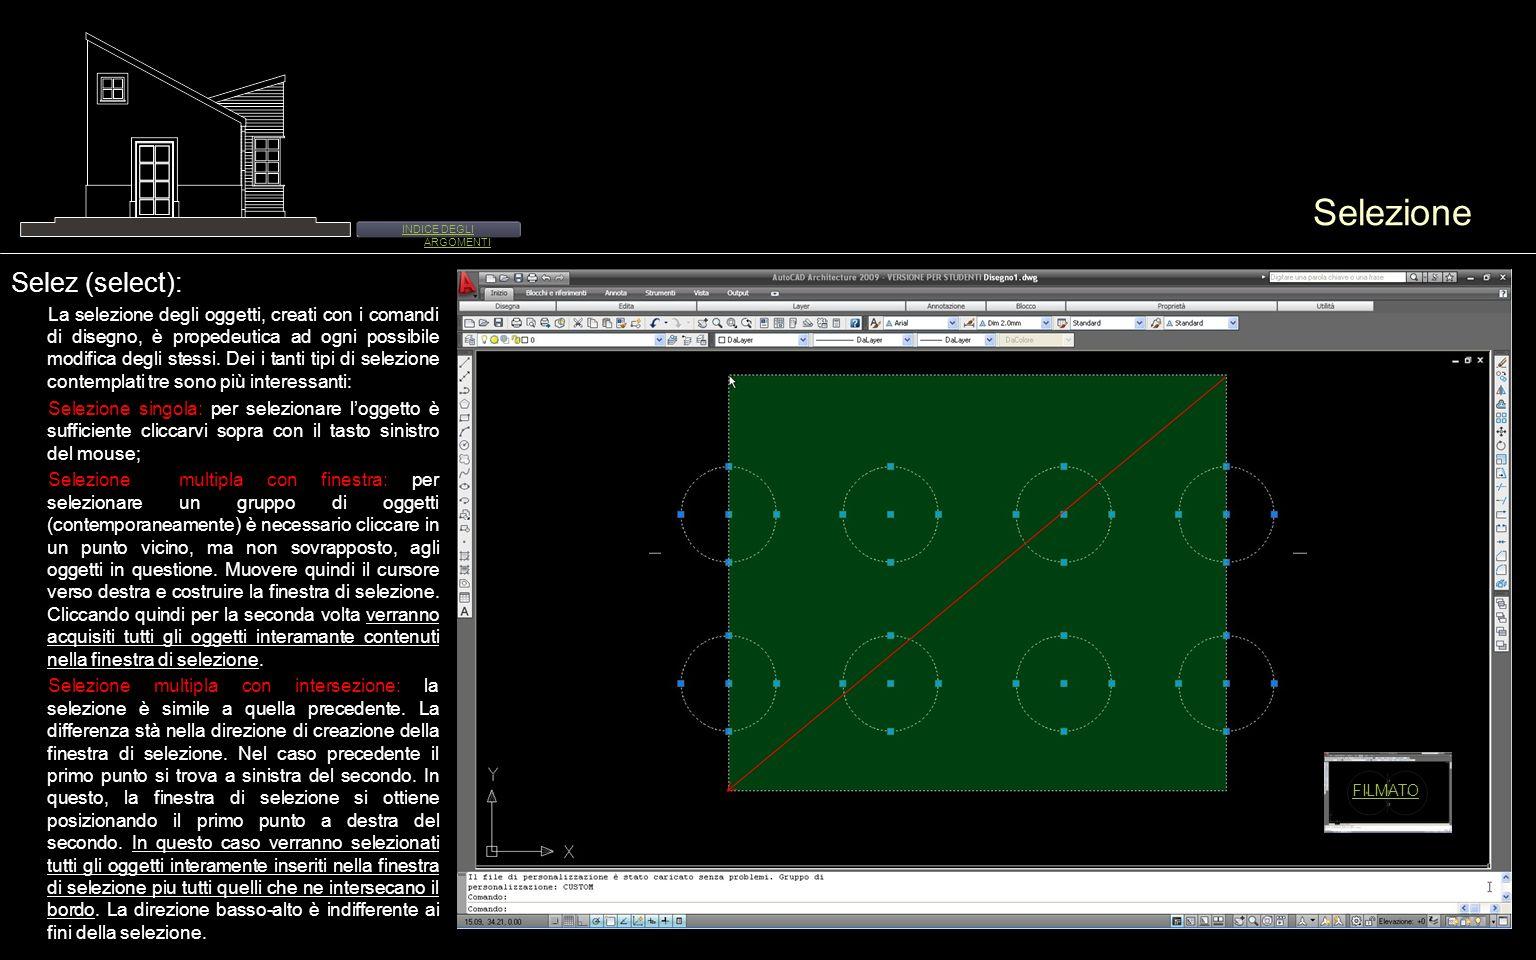 Menu edita 01 Cancella (erase): È possibile elimirare uno o più oggetti utilizzando il comando cancella.